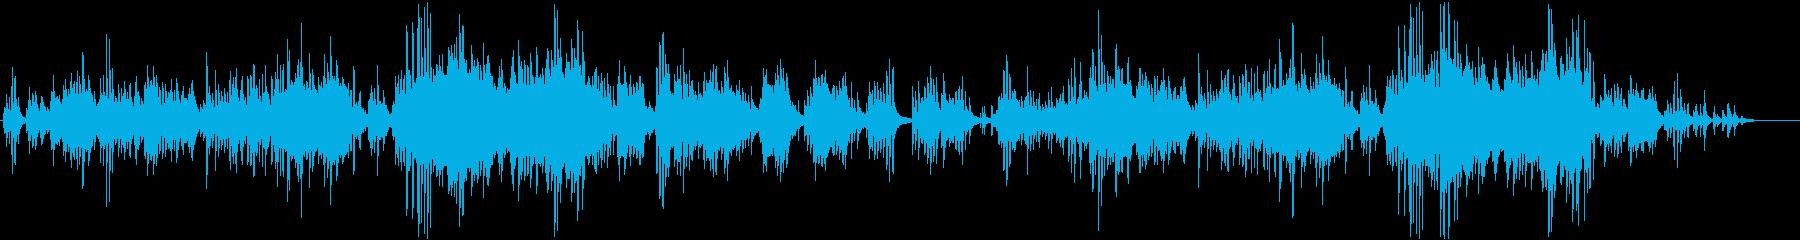 ピアノとストリングスのさわやかな曲の再生済みの波形